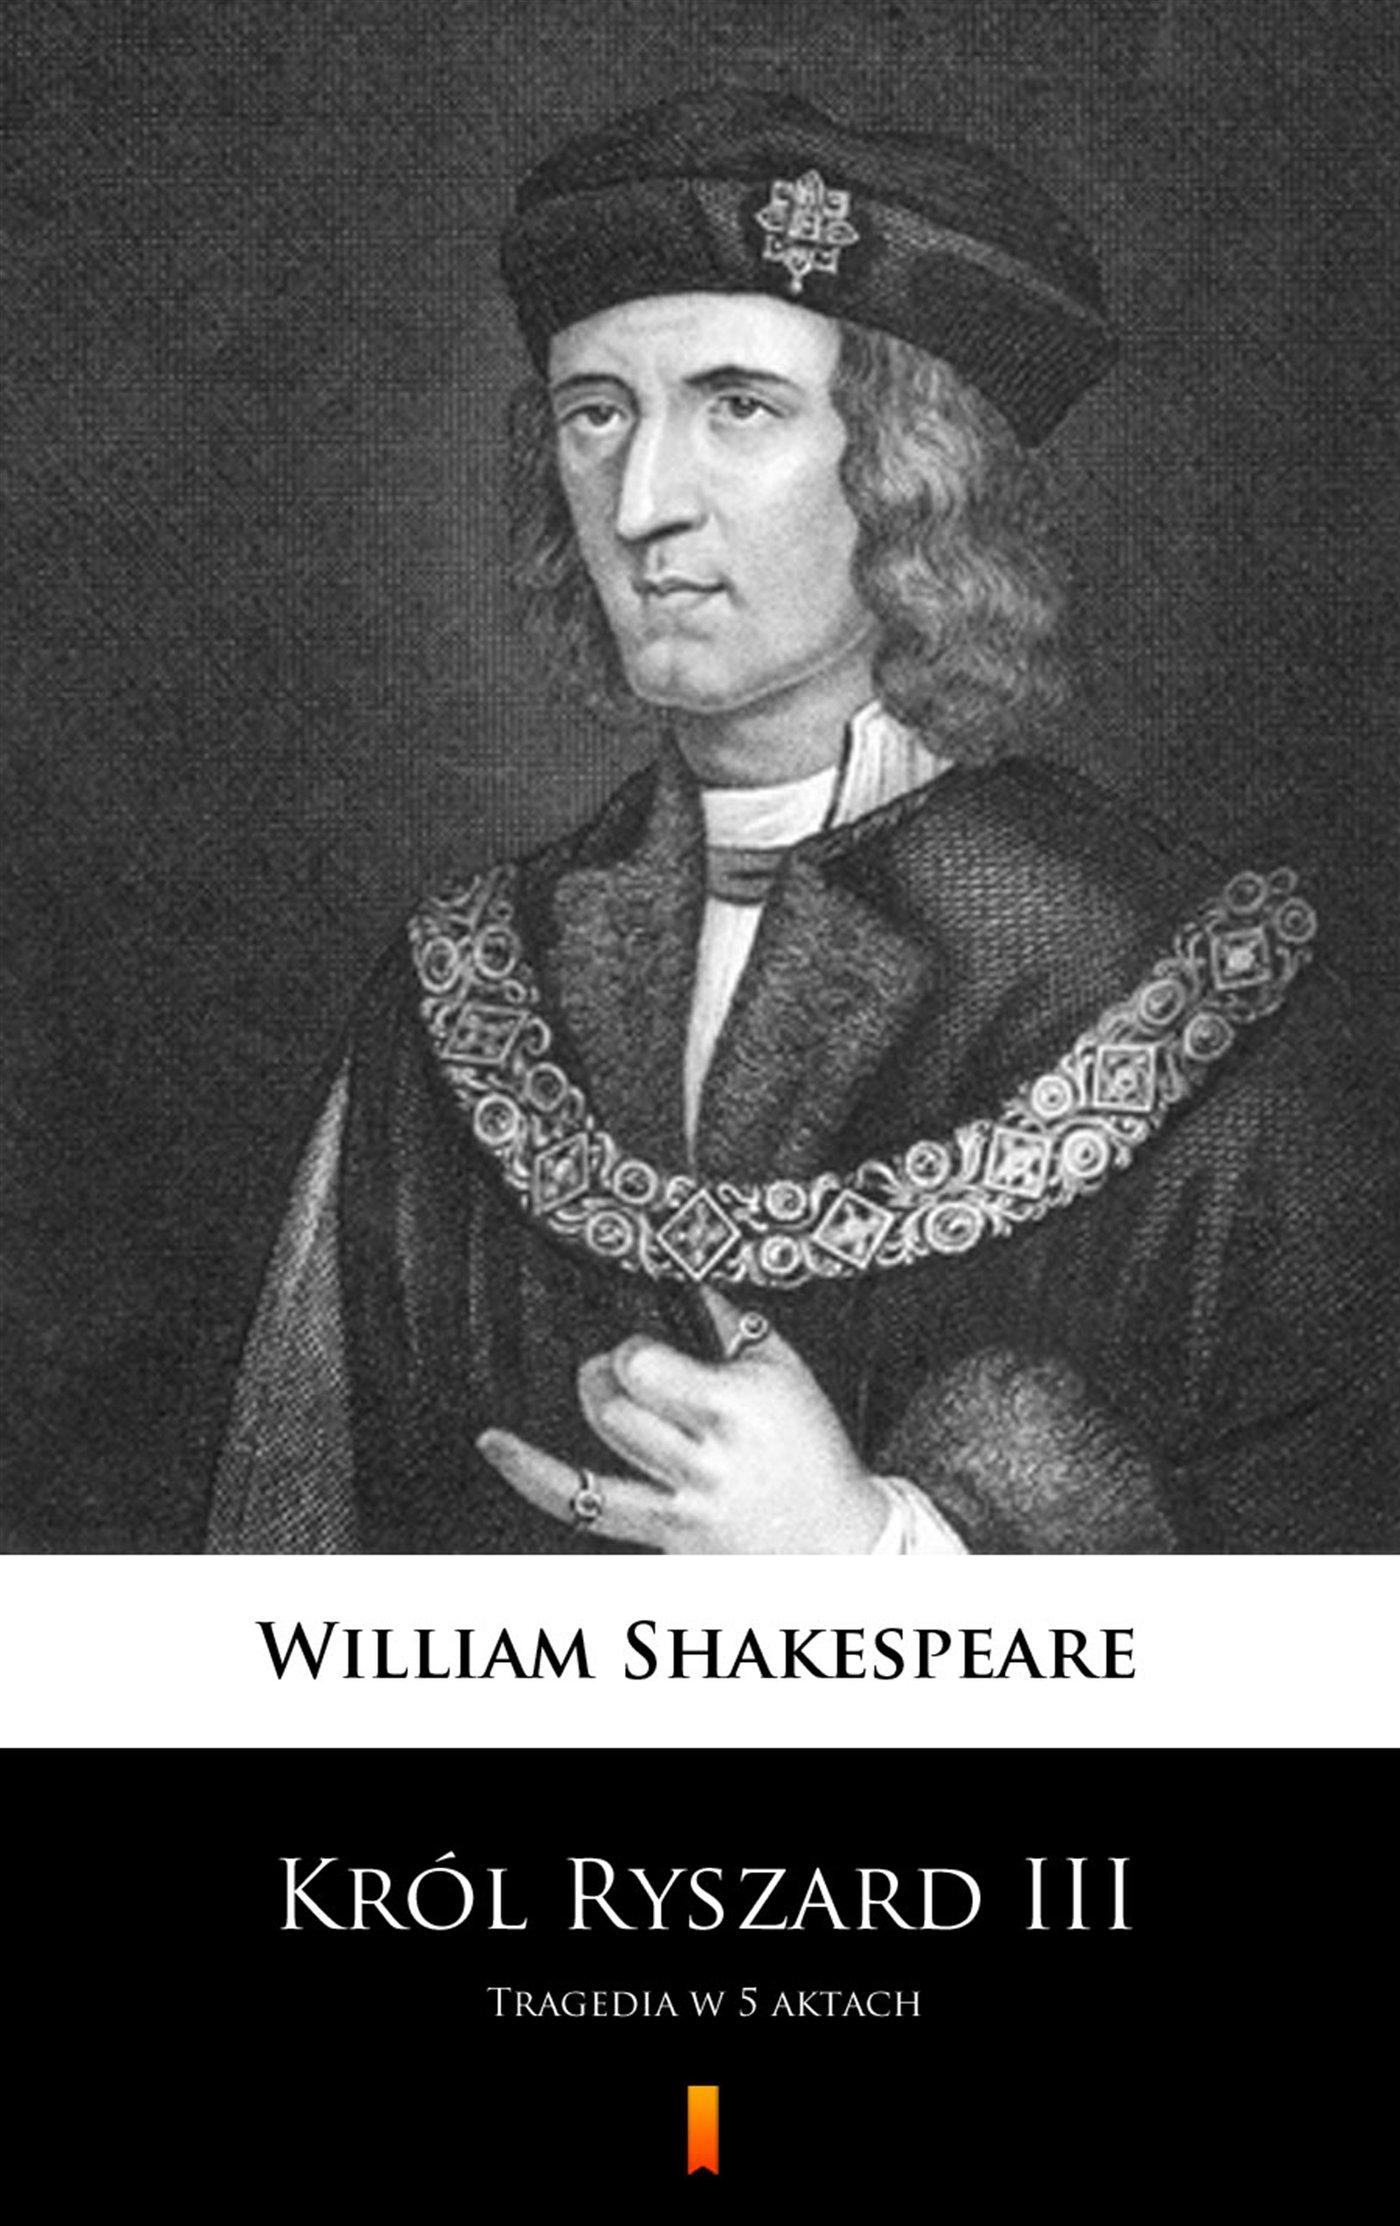 Król Ryszard III - Ebook (Książka na Kindle) do pobrania w formacie MOBI